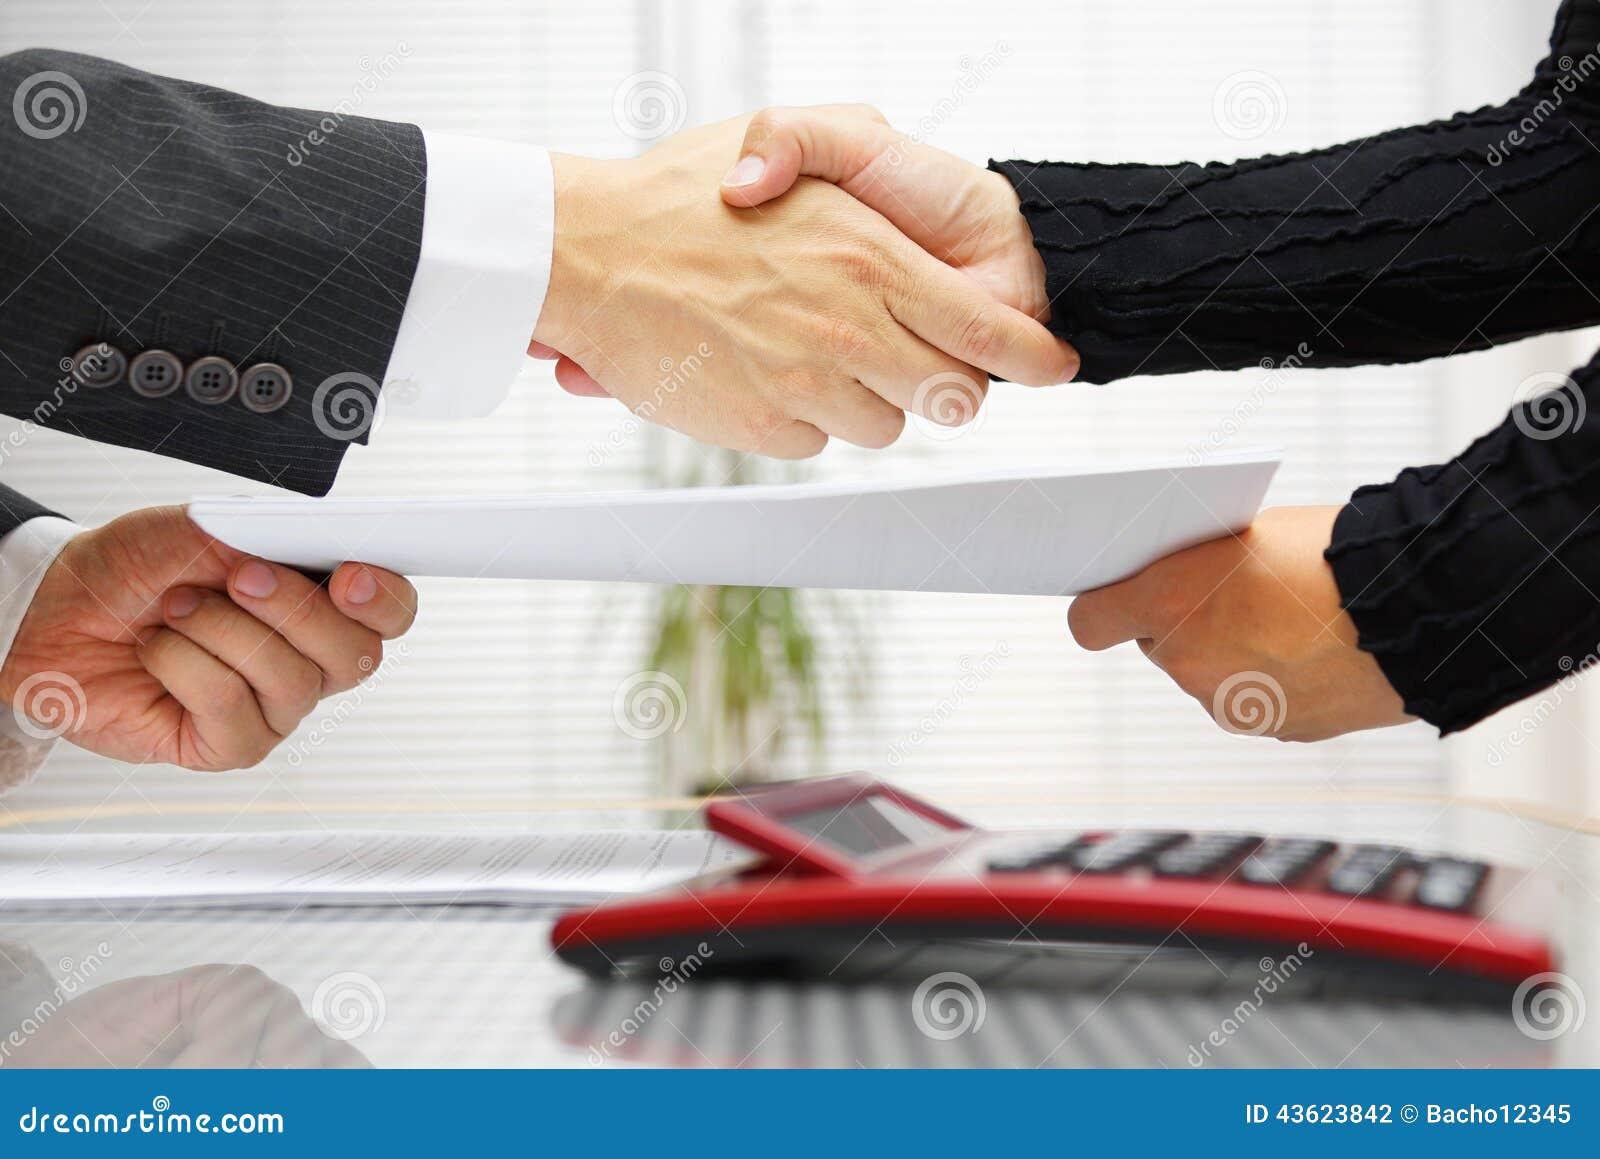 De onderneemster en de zakenman zijn handenschudden en ruilend bedrieg